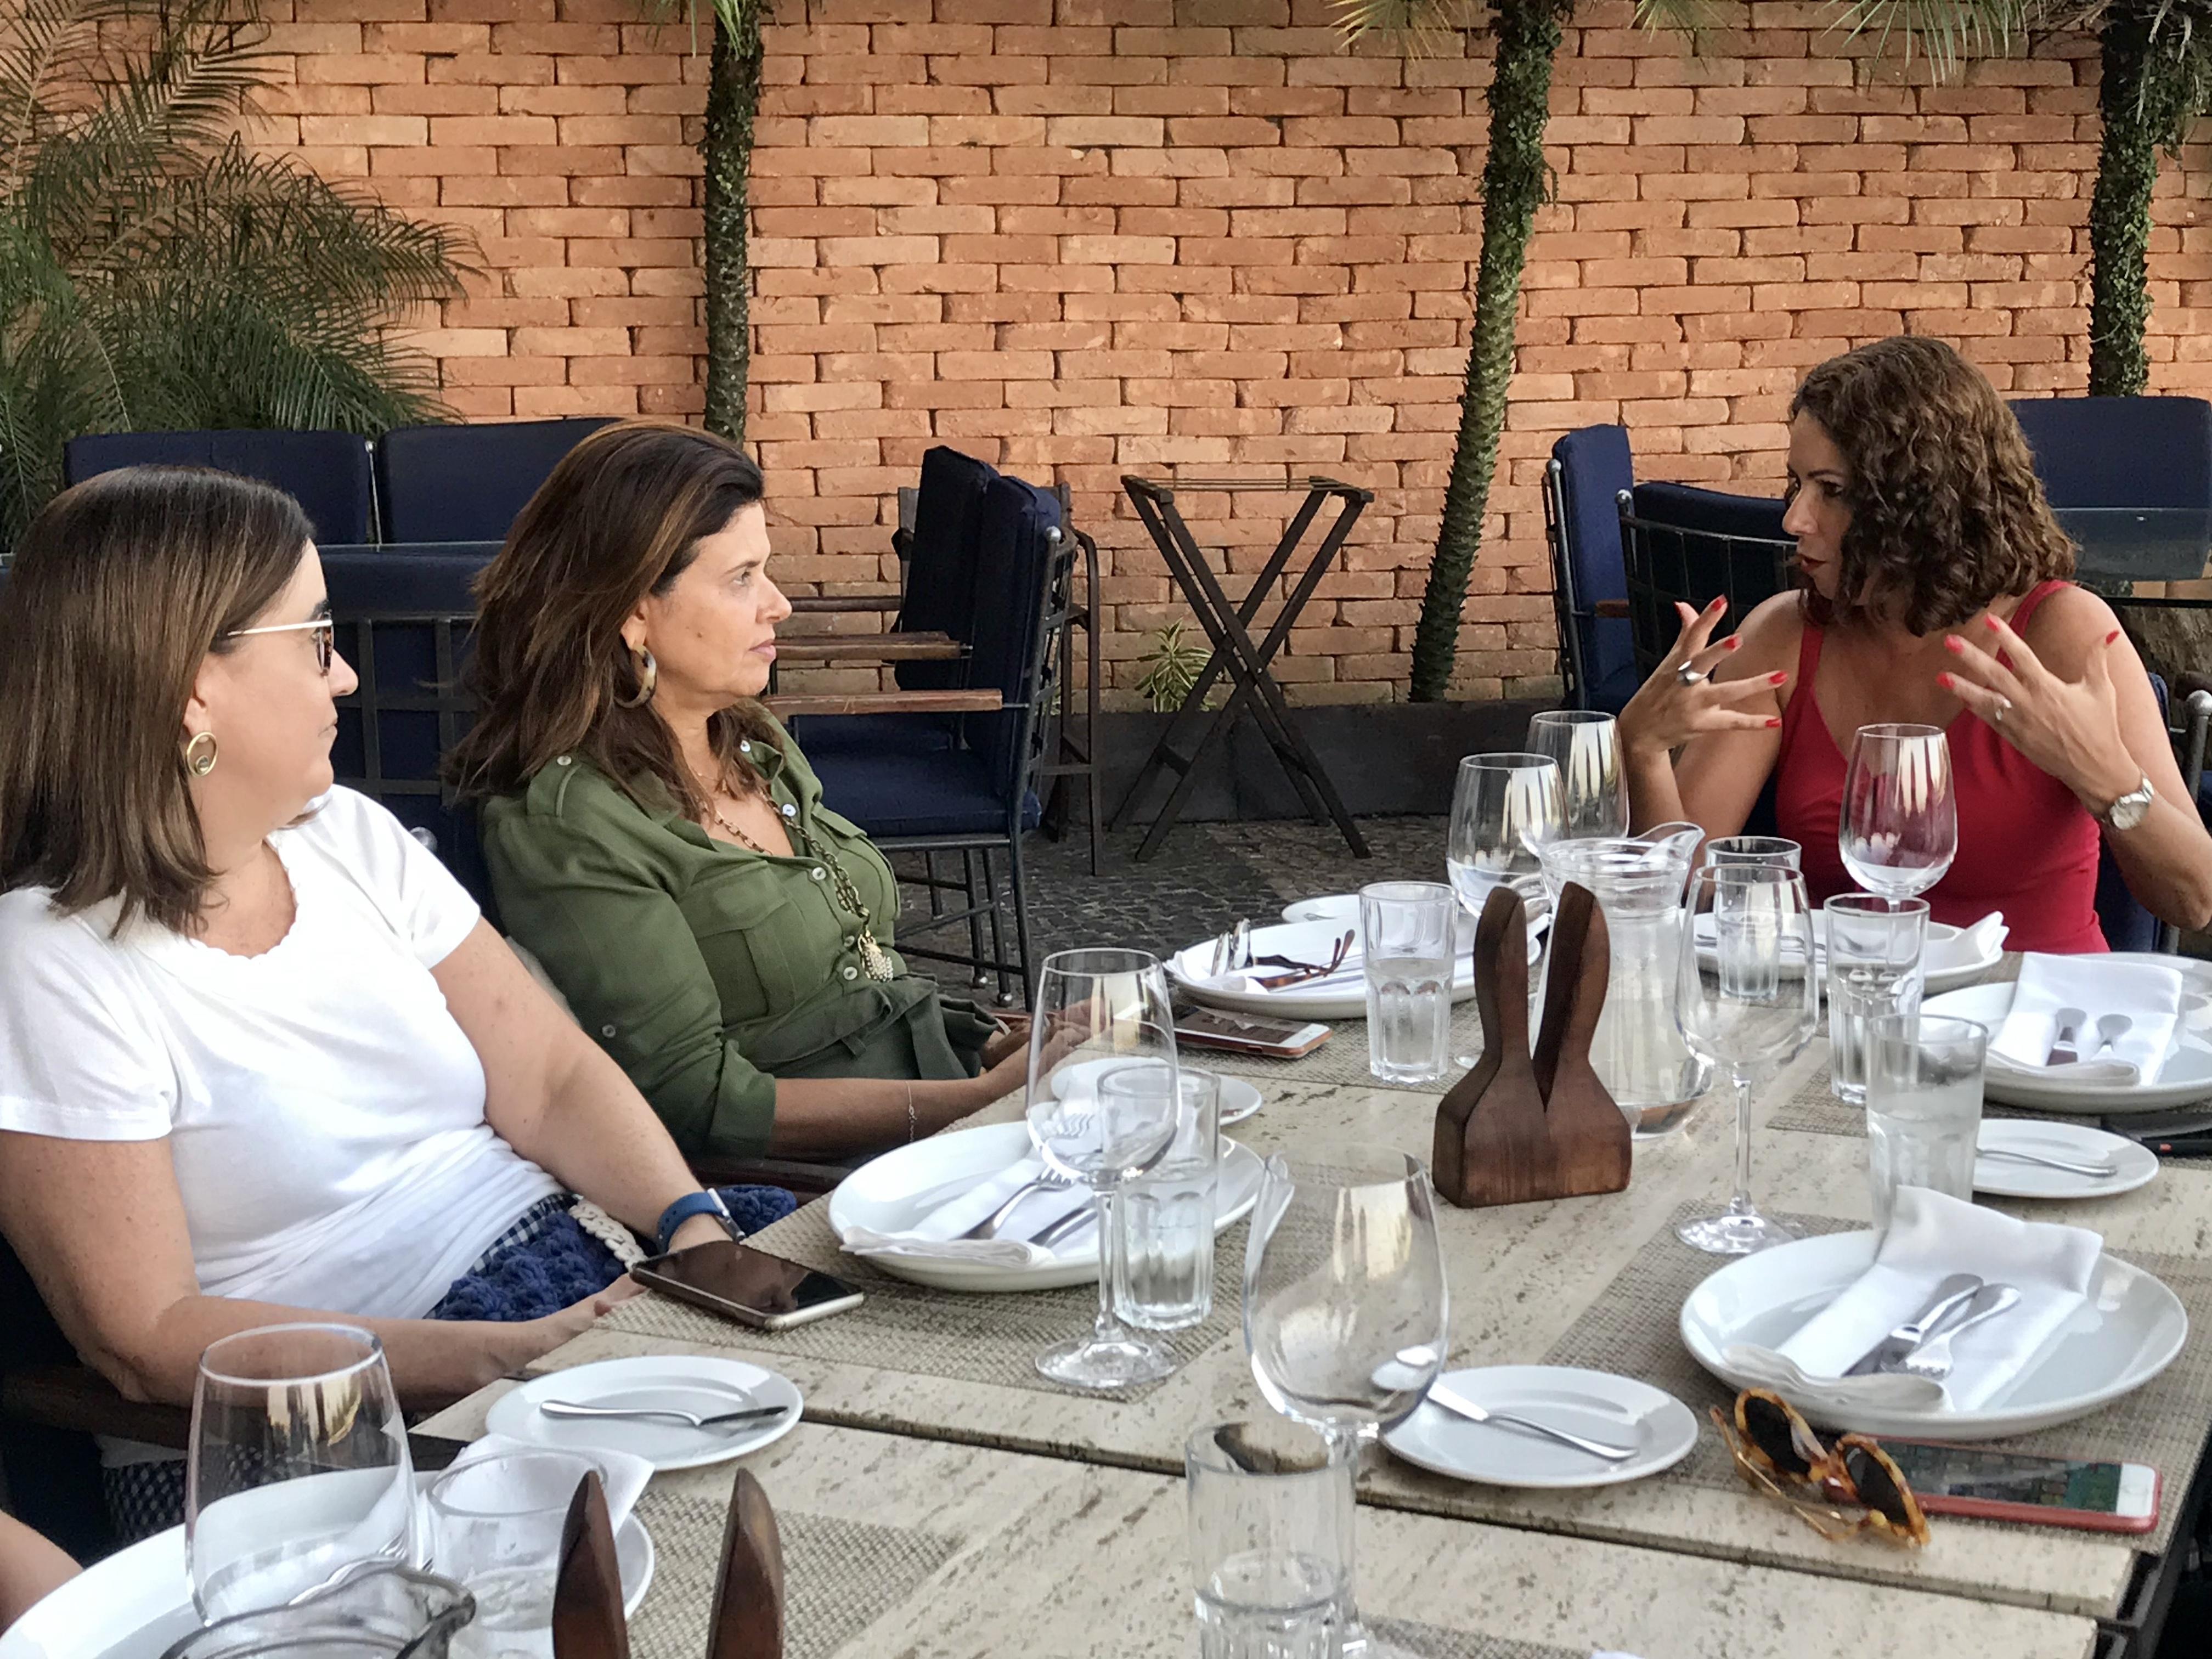 três mulheres sentadas na mesa